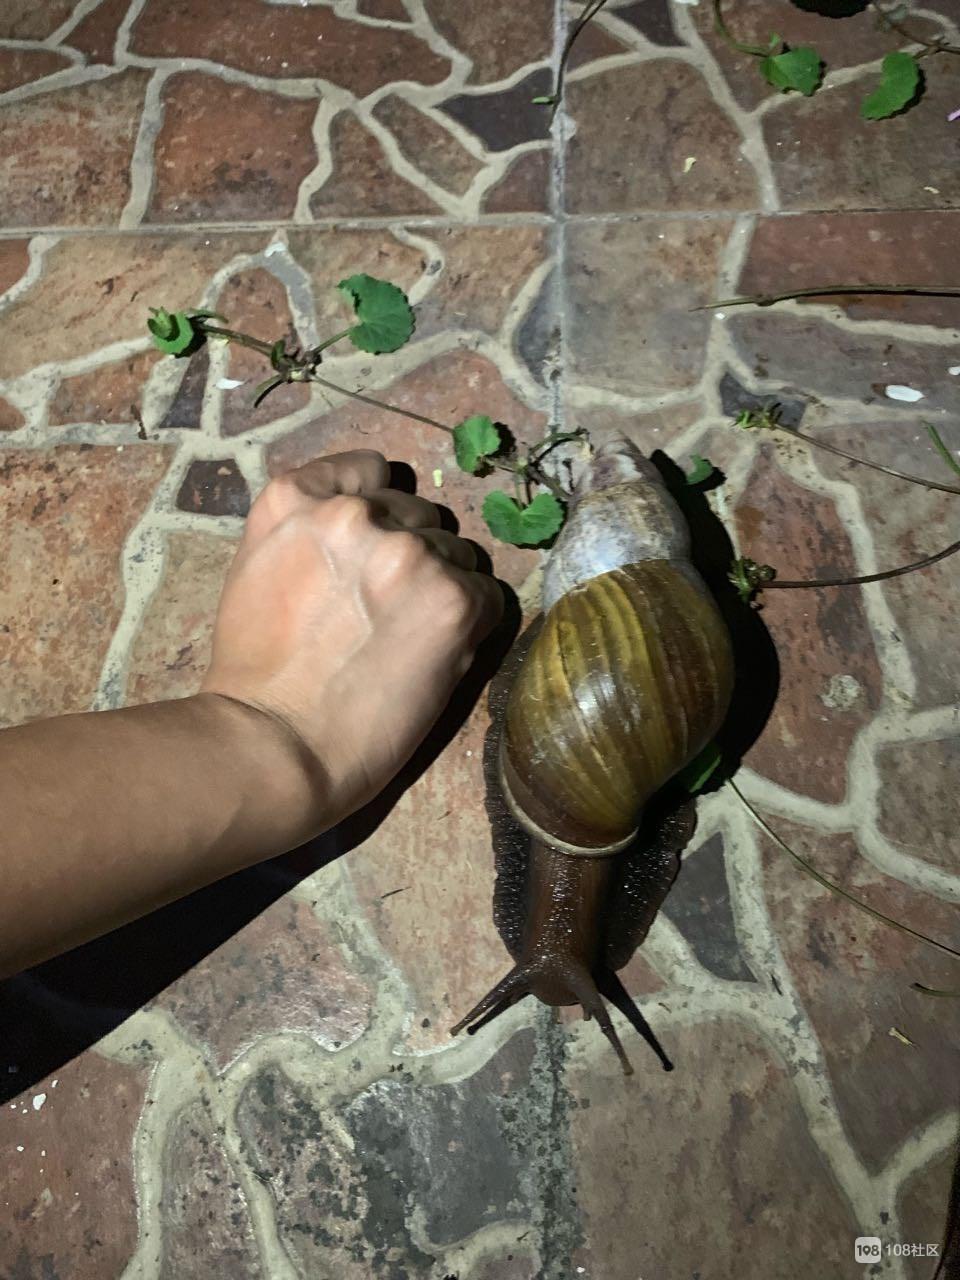 遇见宝了?意外发现只拳头大的蜗牛,社友:必须养着